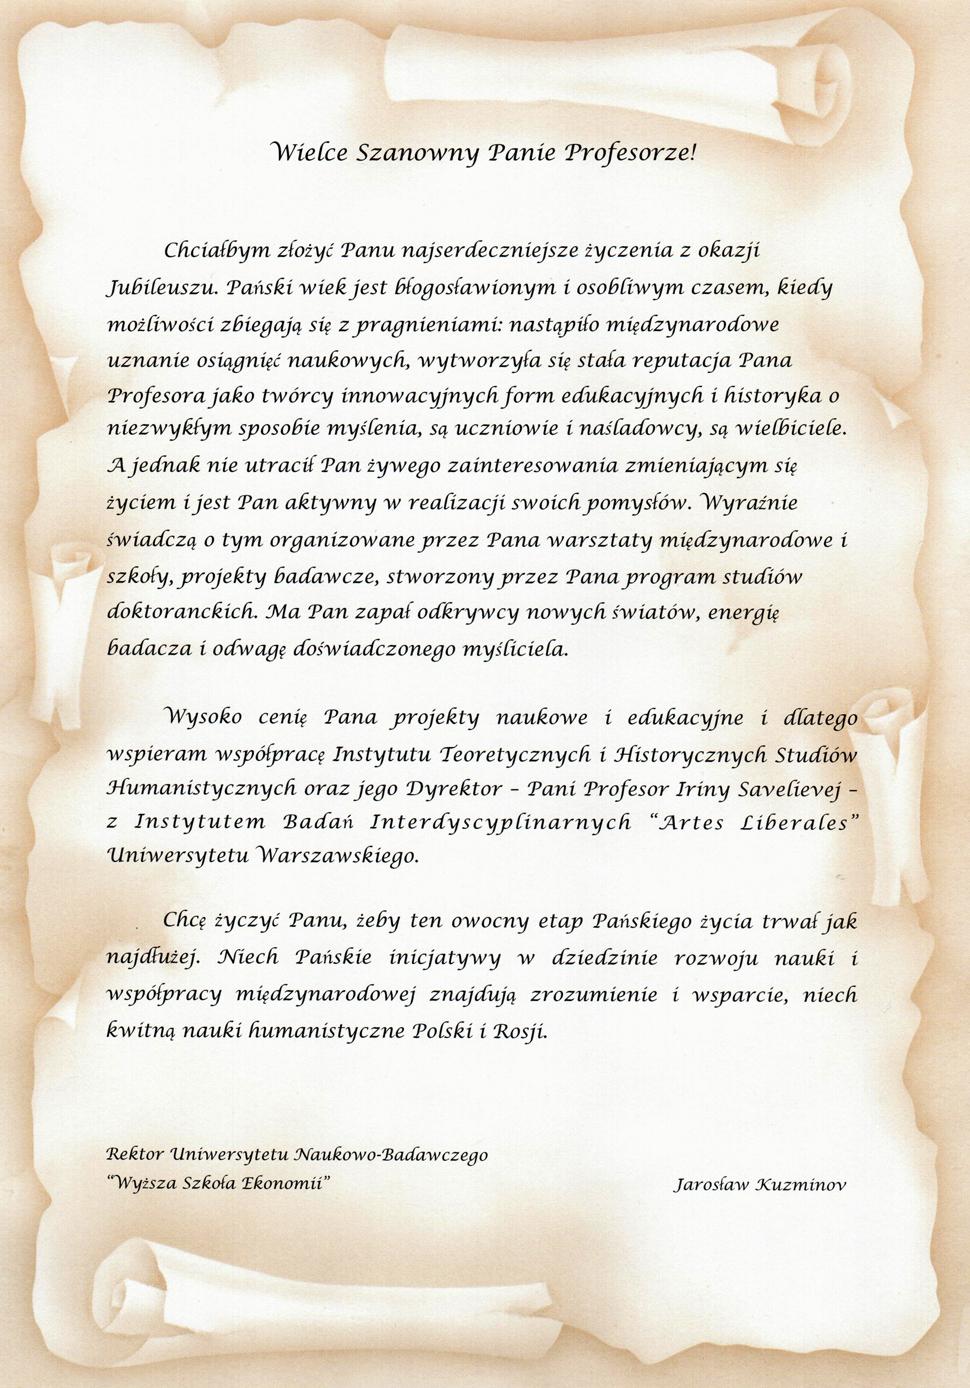 Иосиф Бродский. Стихотворения и поэмы (основное собрание)